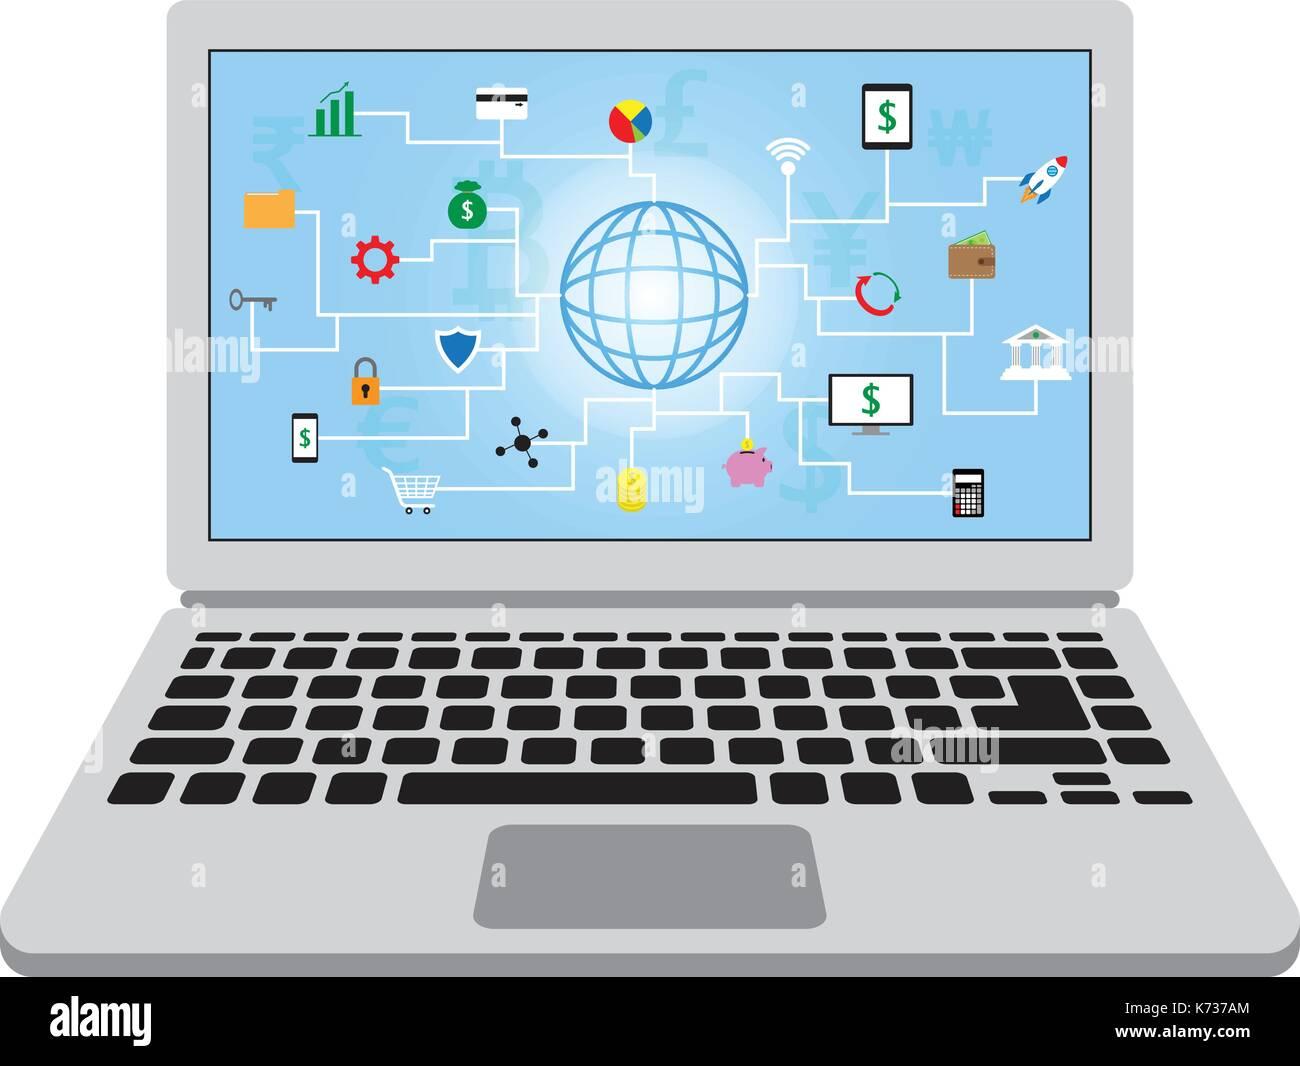 22 icônes fintech autour d'un globe avec fond bleu et plusieurs devises dans un écran d'ordinateur portable en mettant la technologie financière. Illustration de Vecteur